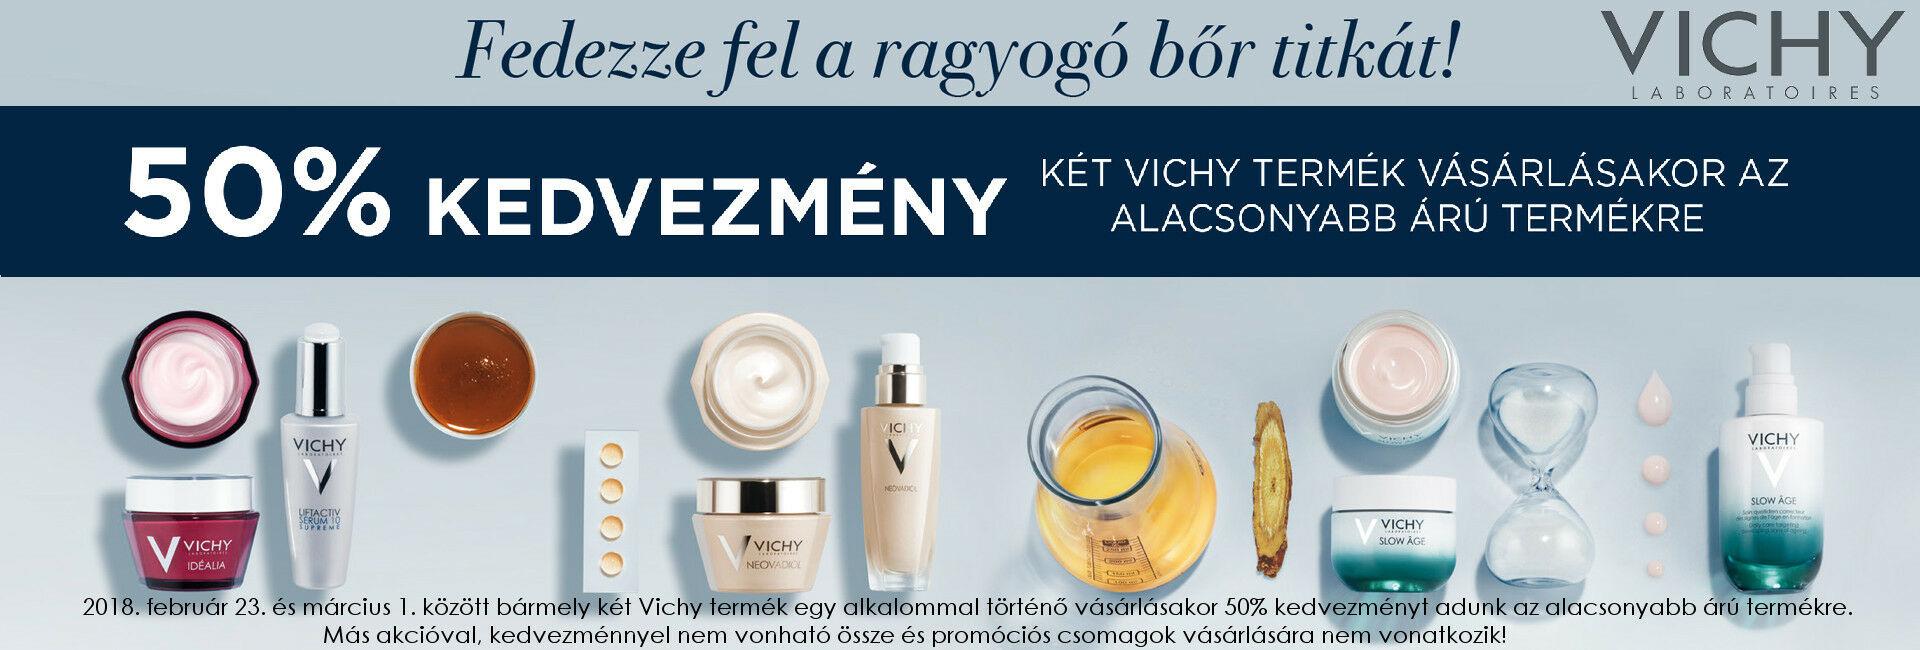 2018. február 23. és március 1. között a második Vichy termékre 50% kedvezményt adunk!